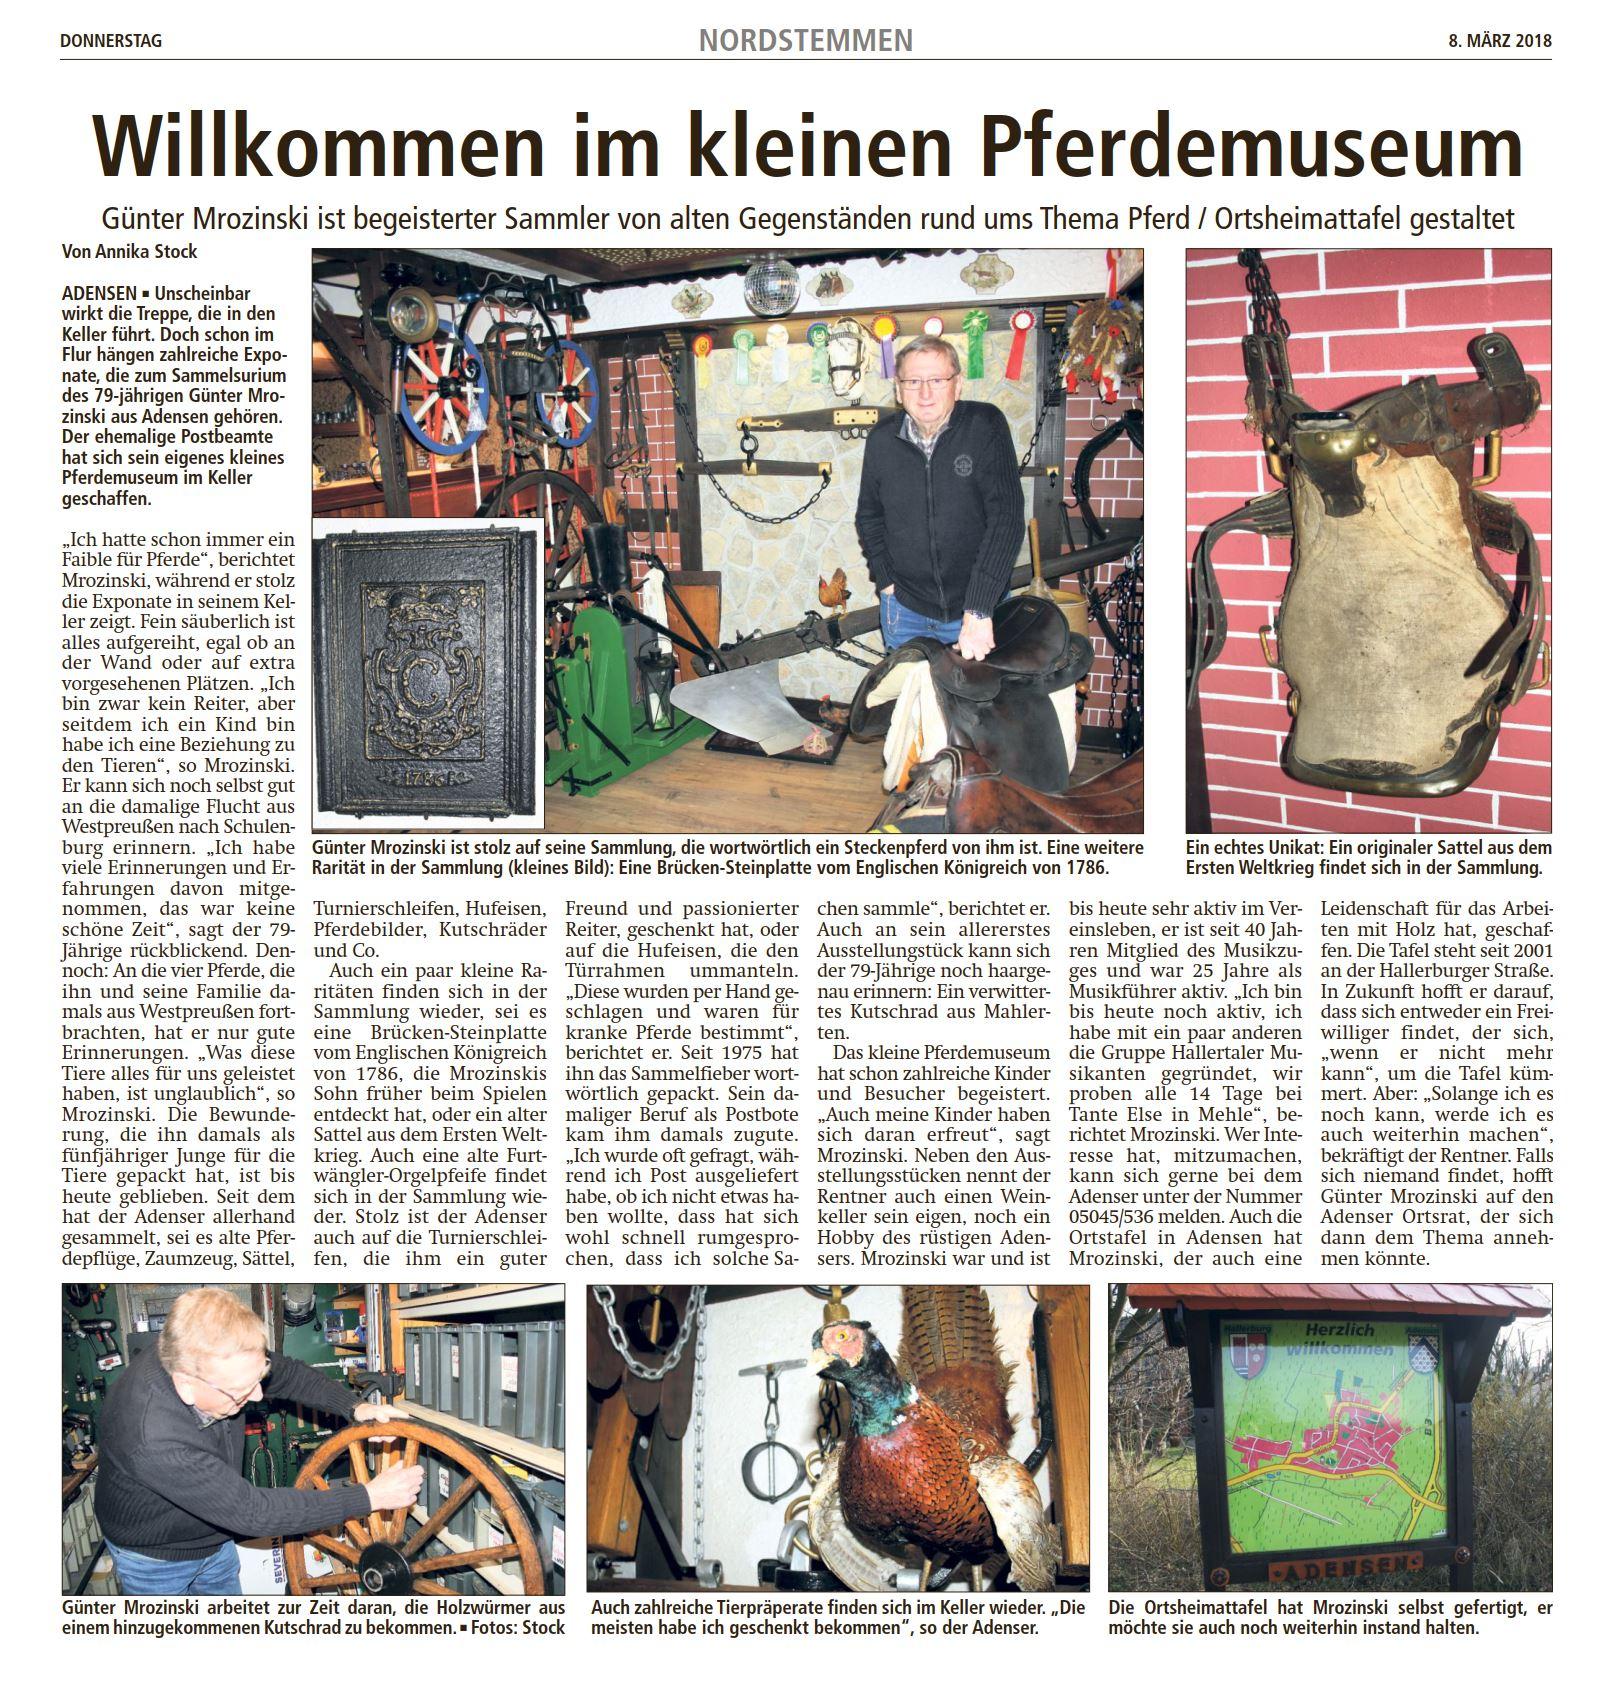 20180308_01 LDZ Pferdemuseum Günter Mrozinski Adensen